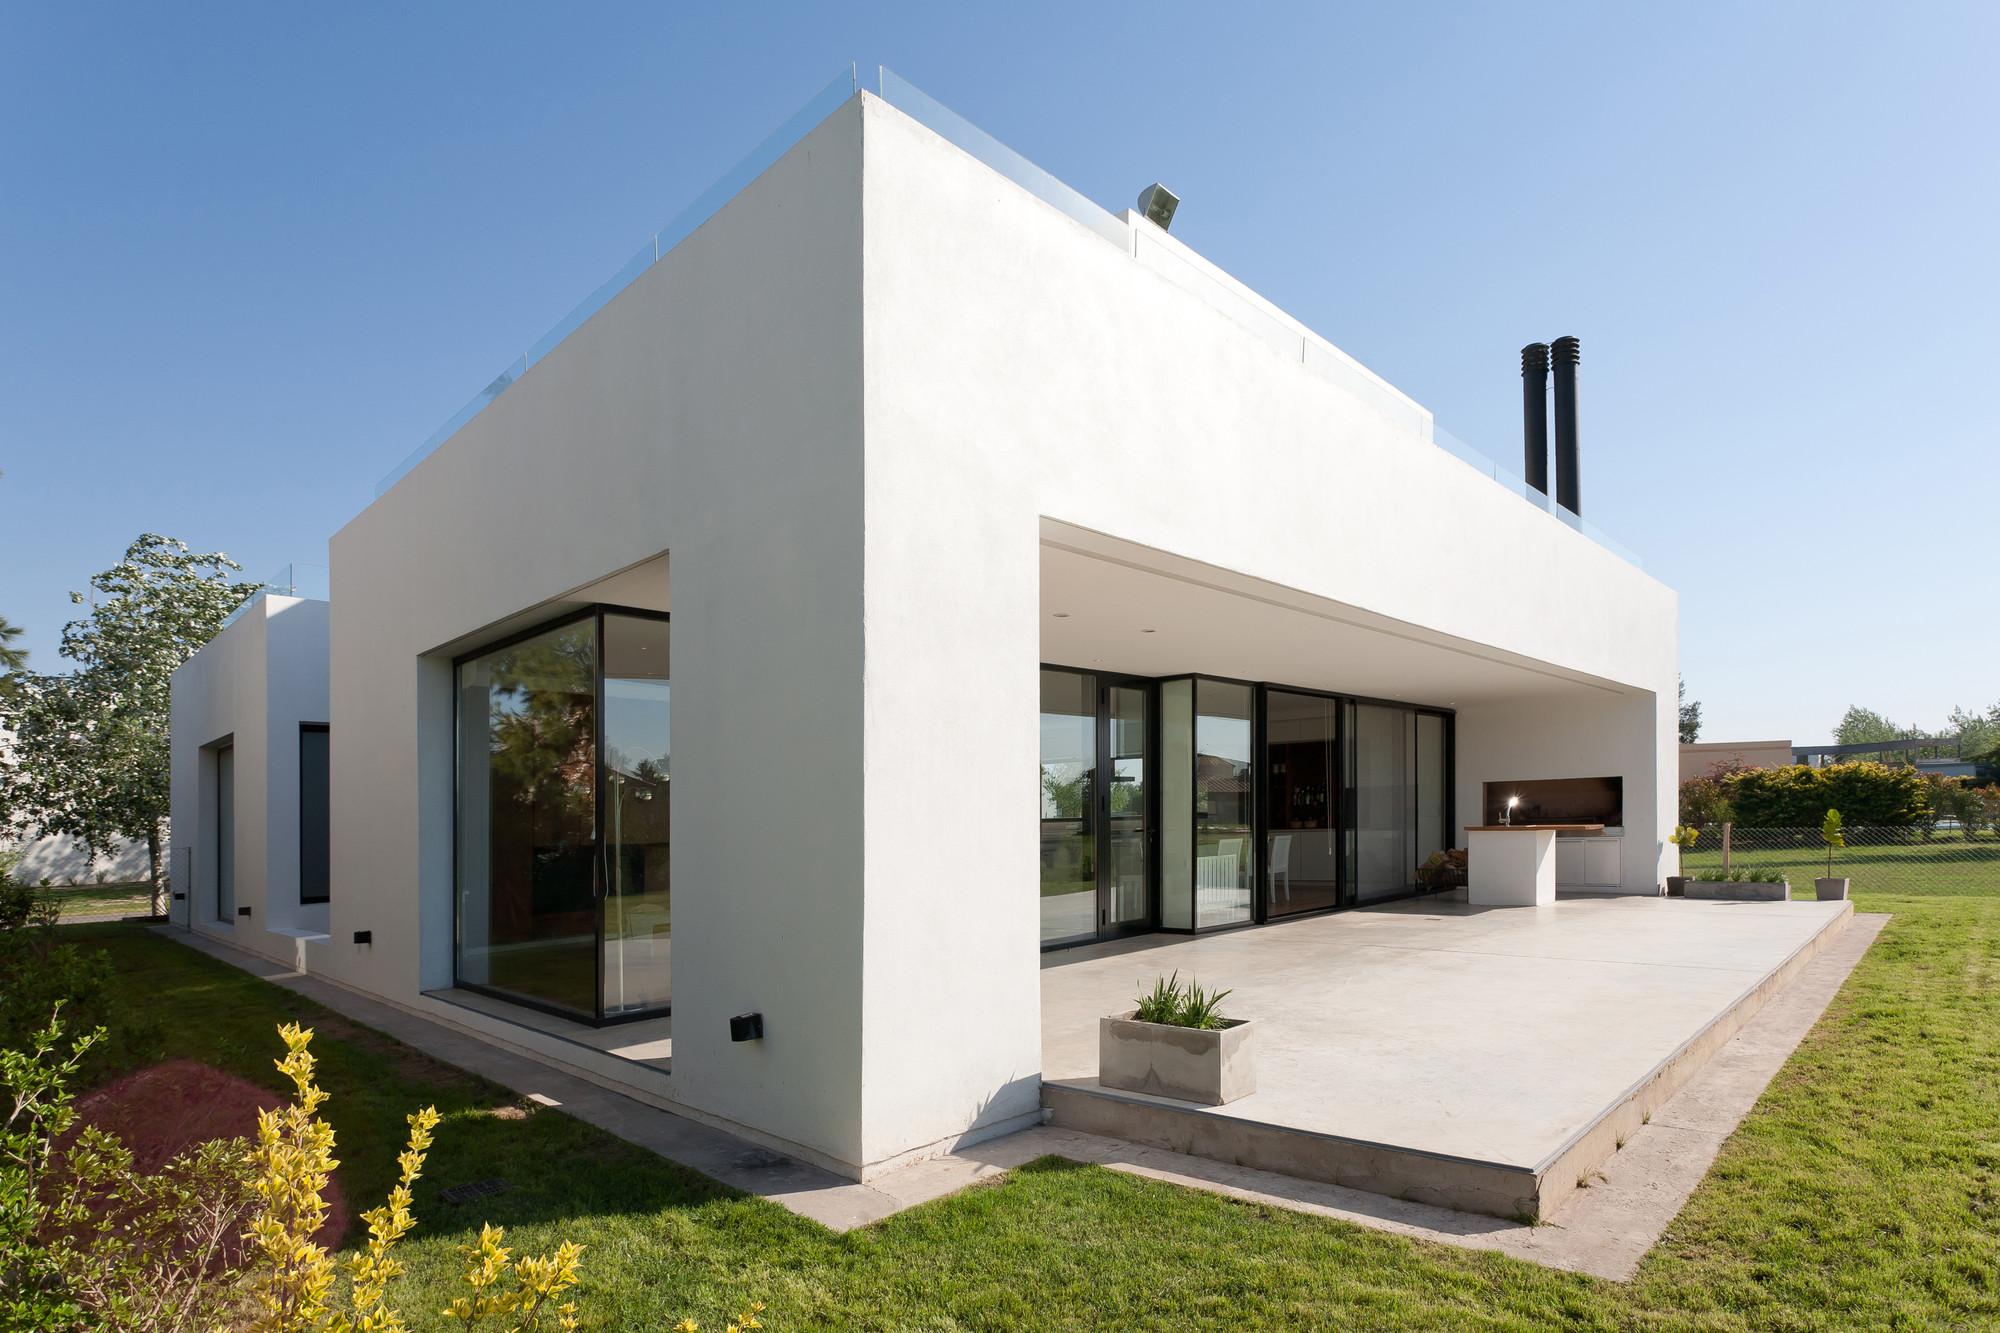 Casa mc vismaracorsi arquitectos archdaily brasil - Arquitectos casas modernas ...